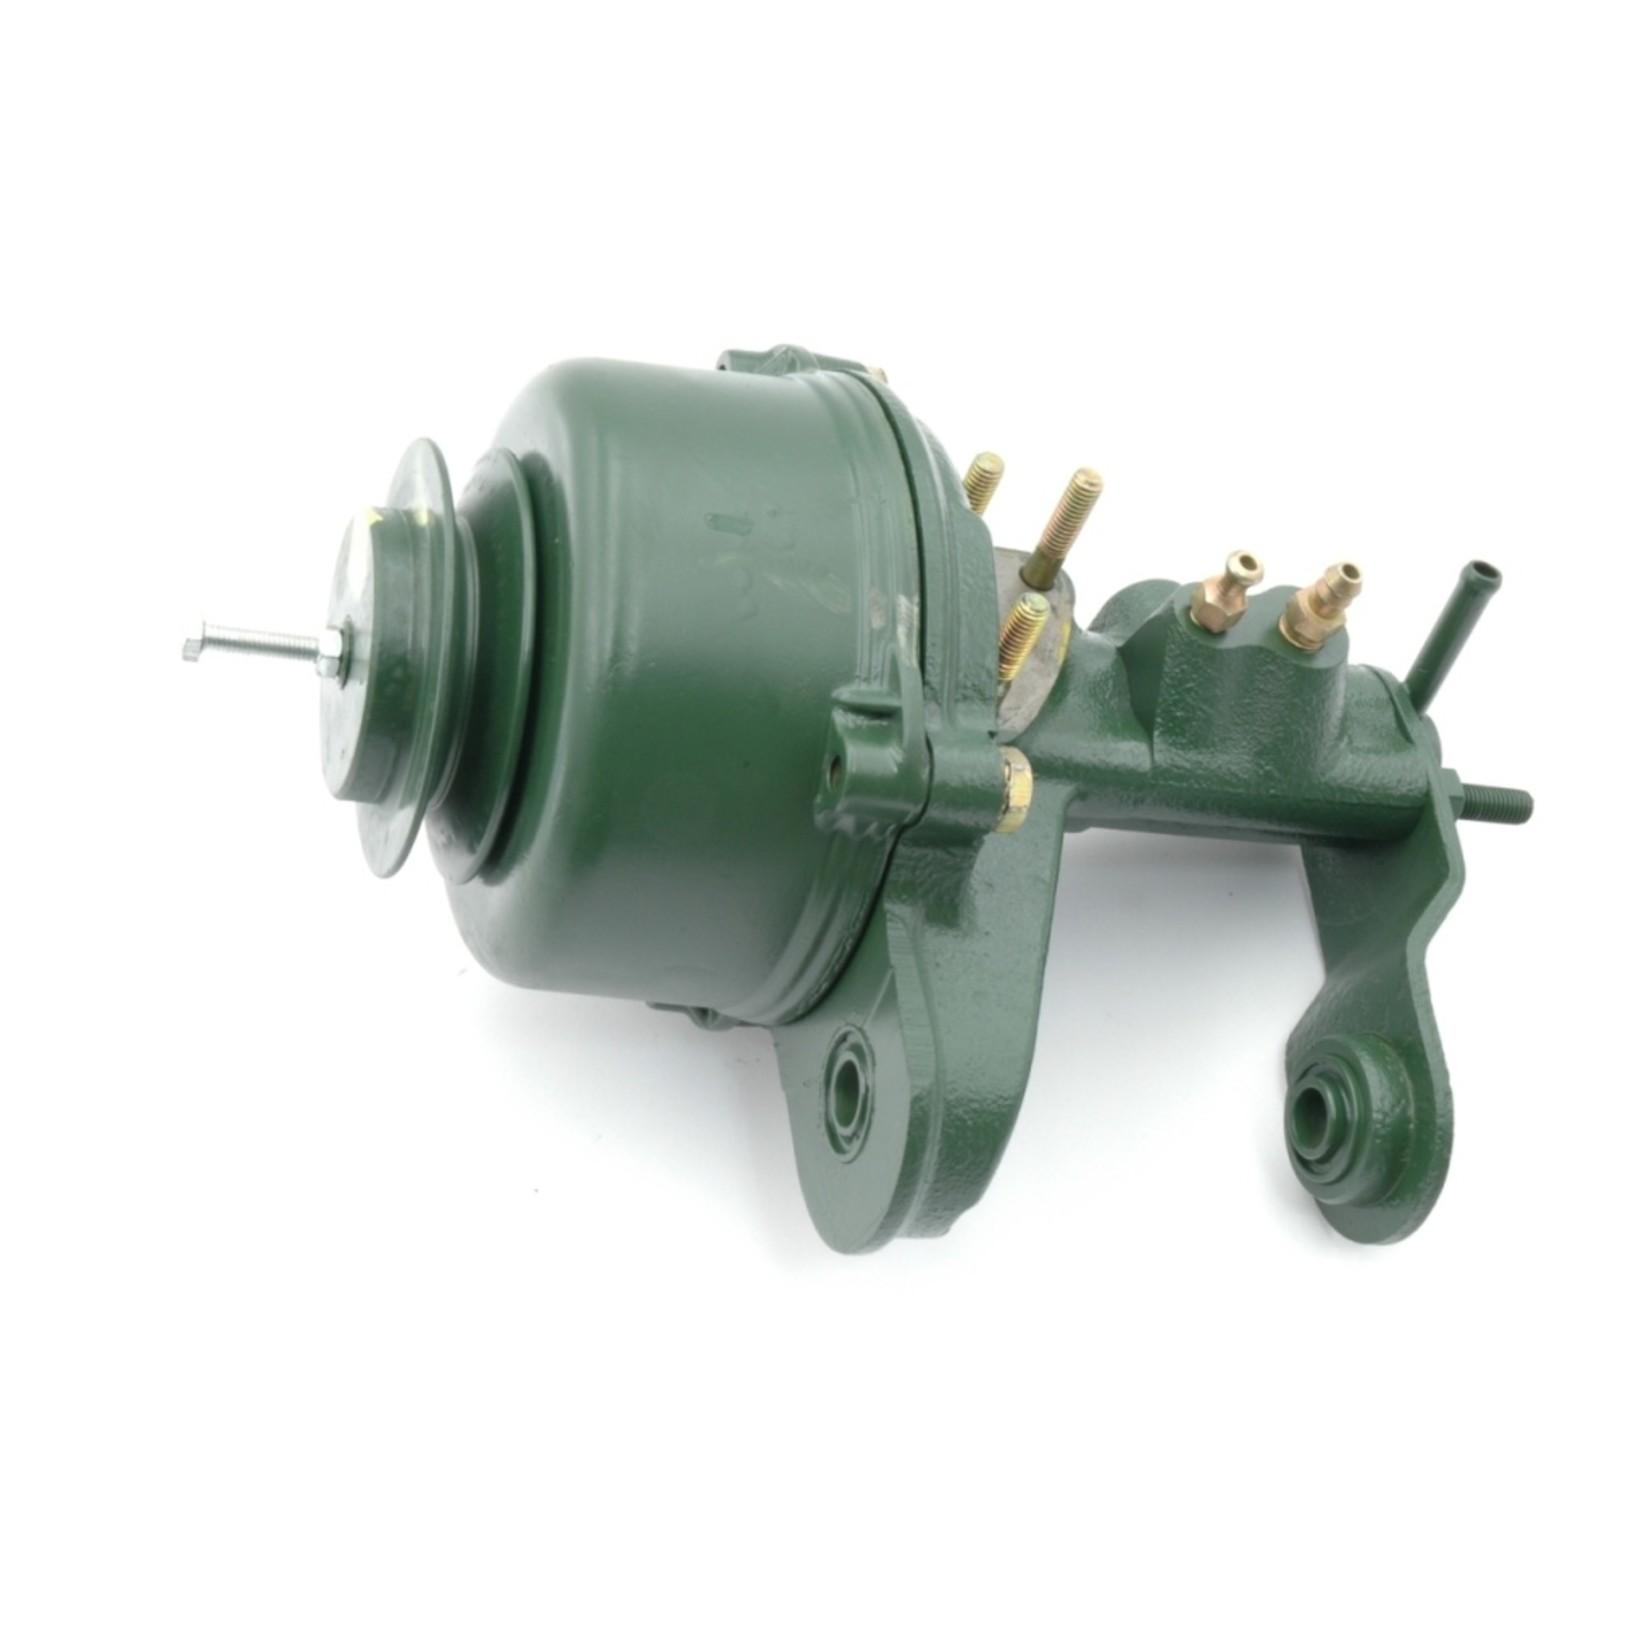 Regulador centrifugo reaconditionado LHM Nr Org: DXN314029A